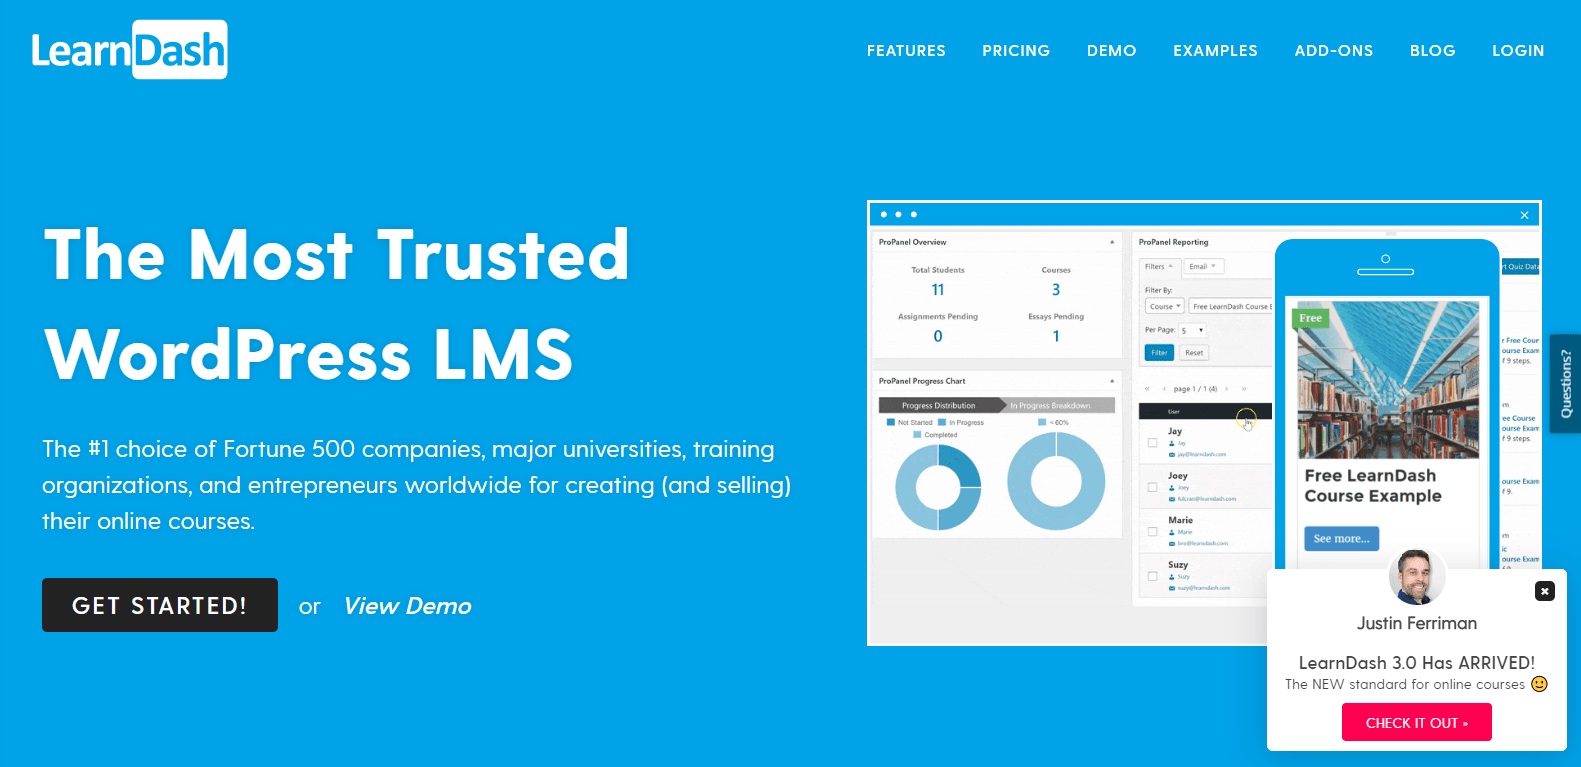 WordPress LMS